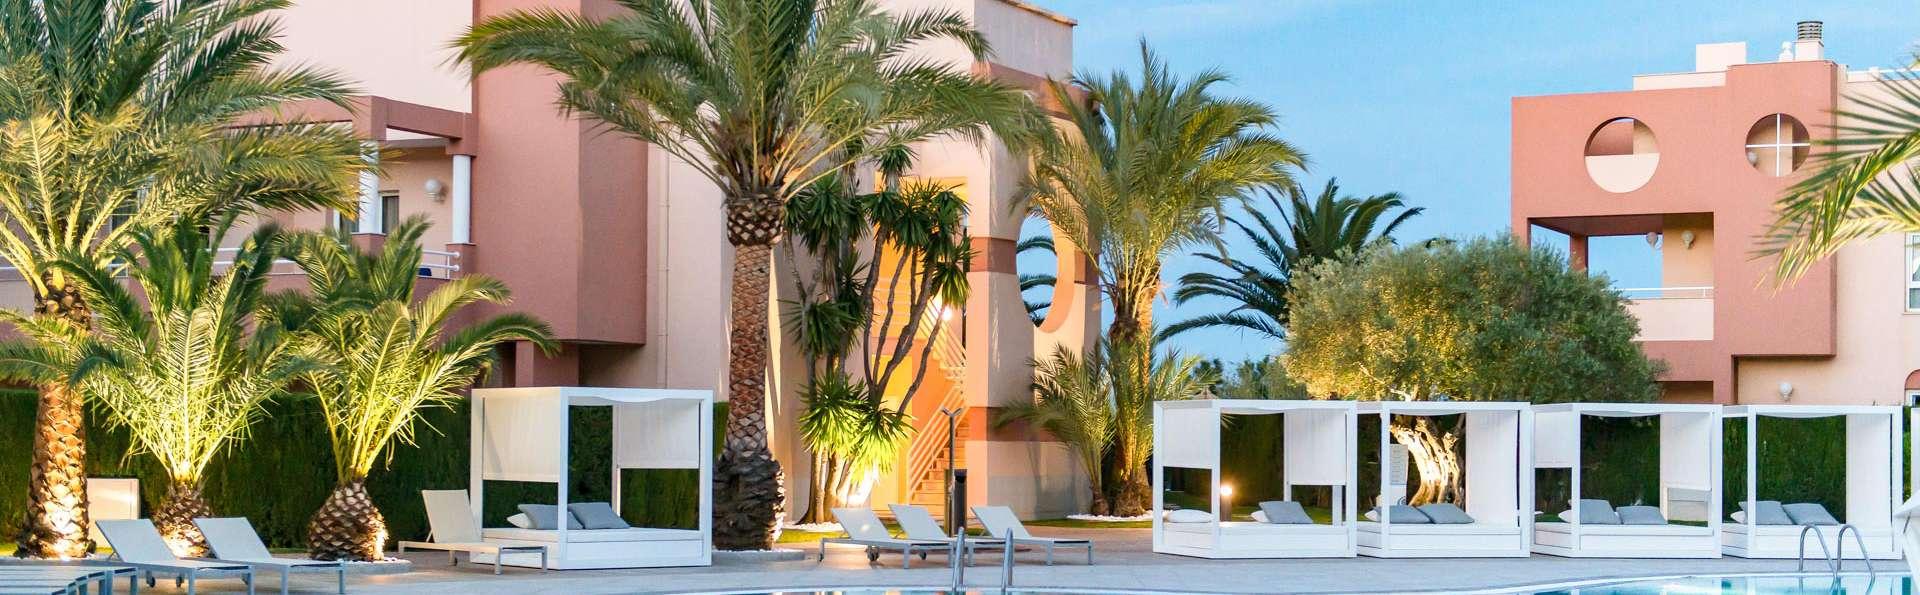 Escapada wellness: cóctel detox, spa y masaje en un resort 5* en Oliva, Valencia